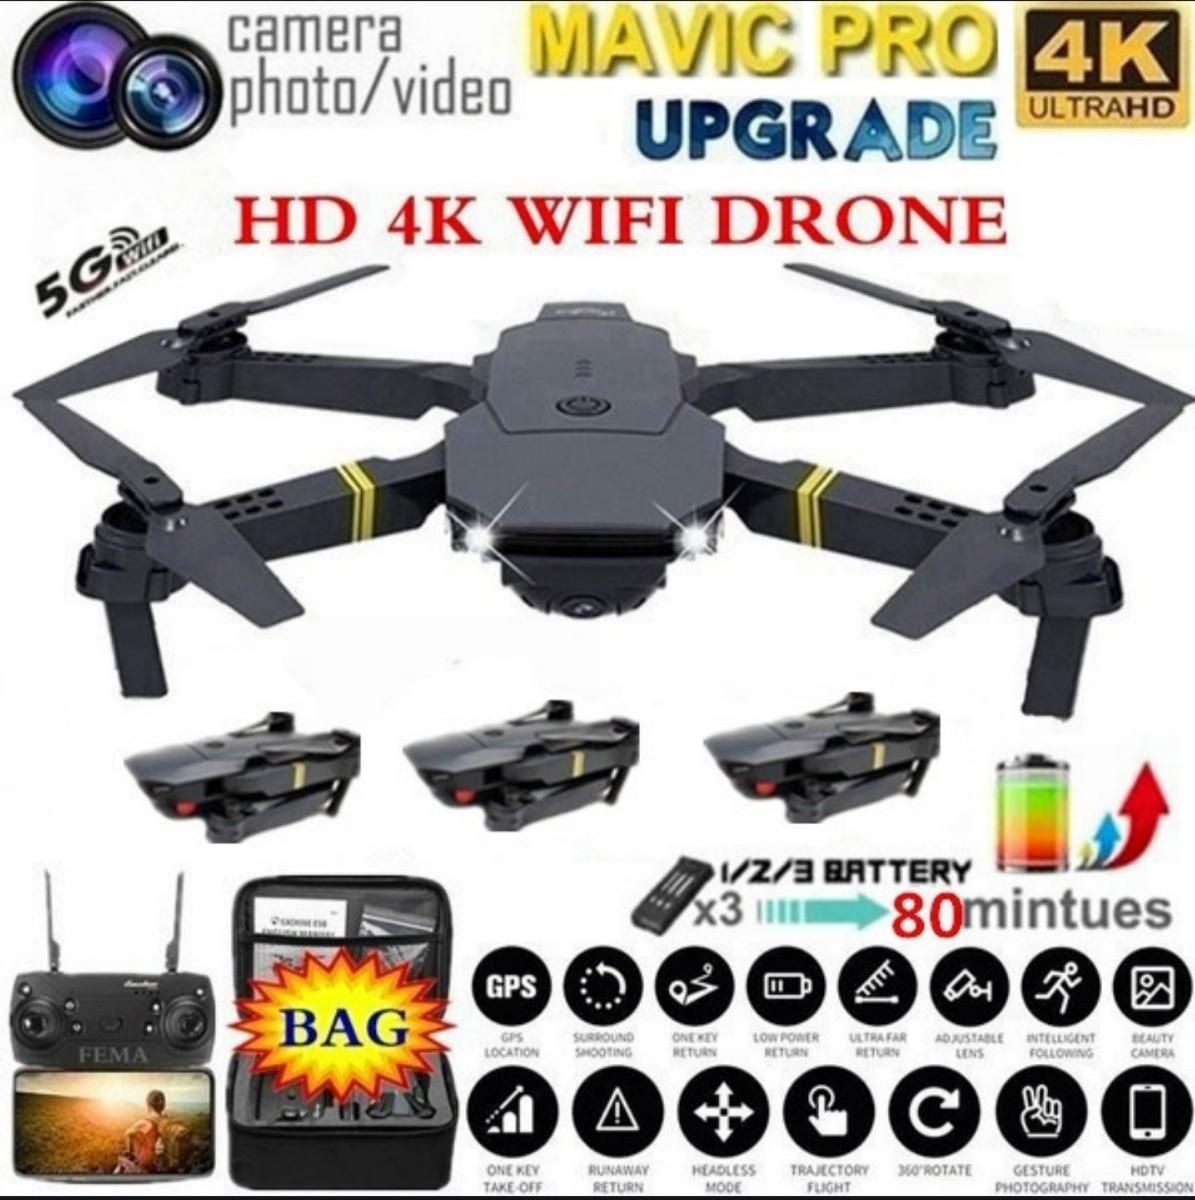 ドローン Wi-Fi機能 高性能カメラ コントローラー付 4Kカメラ 一点限り ドローンカメラ付き WiFi